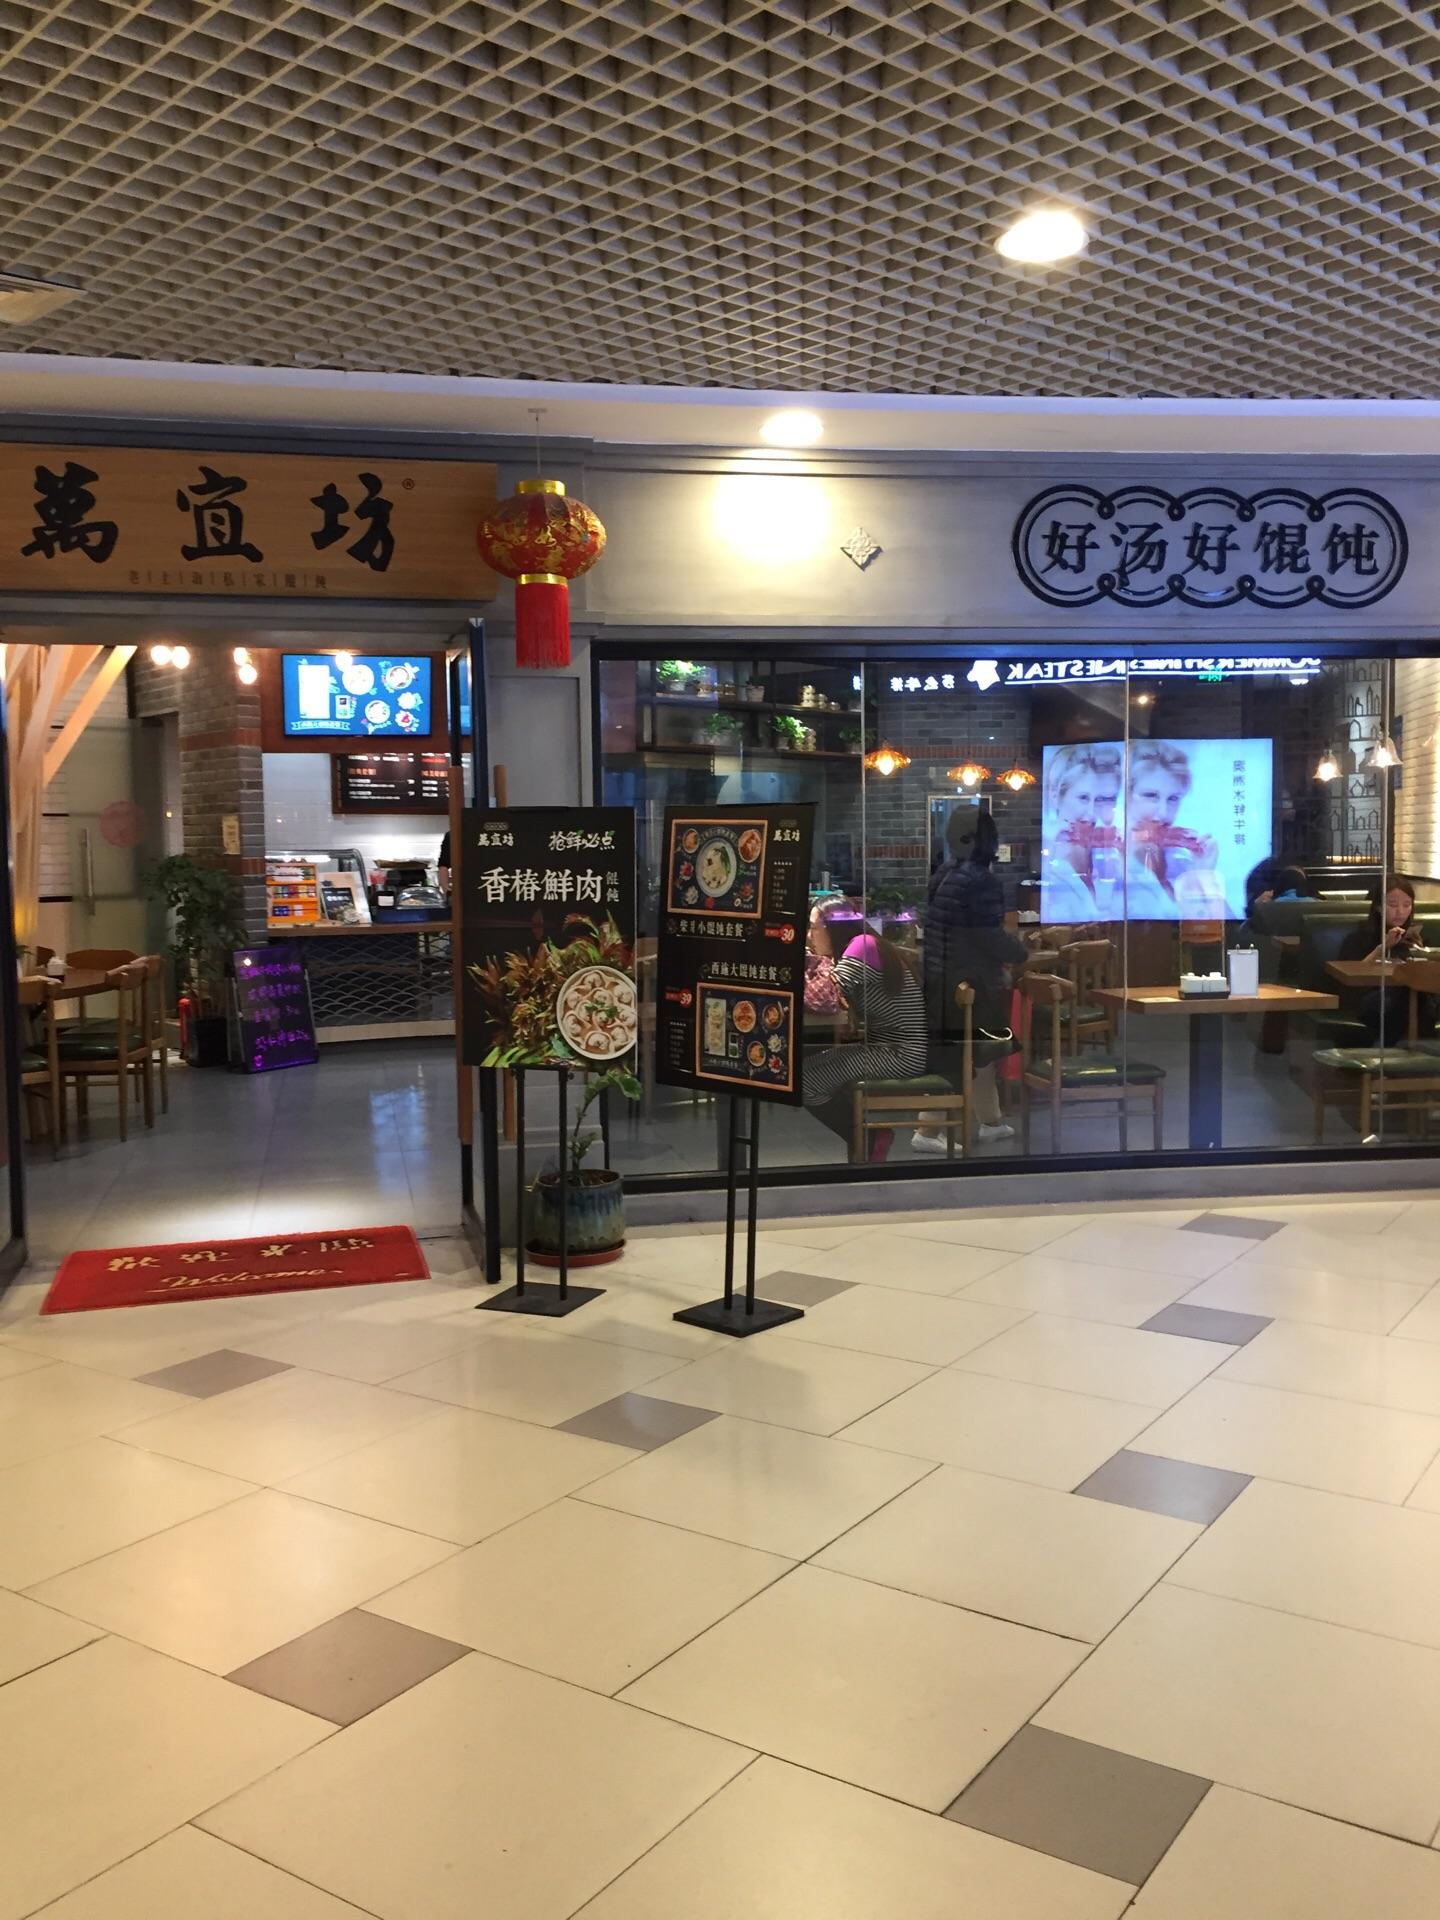 上海日月光b1美食_【携程美食林】上海万宜坊(日月光店)餐馆,老牌的馄饨店 位于打 ...